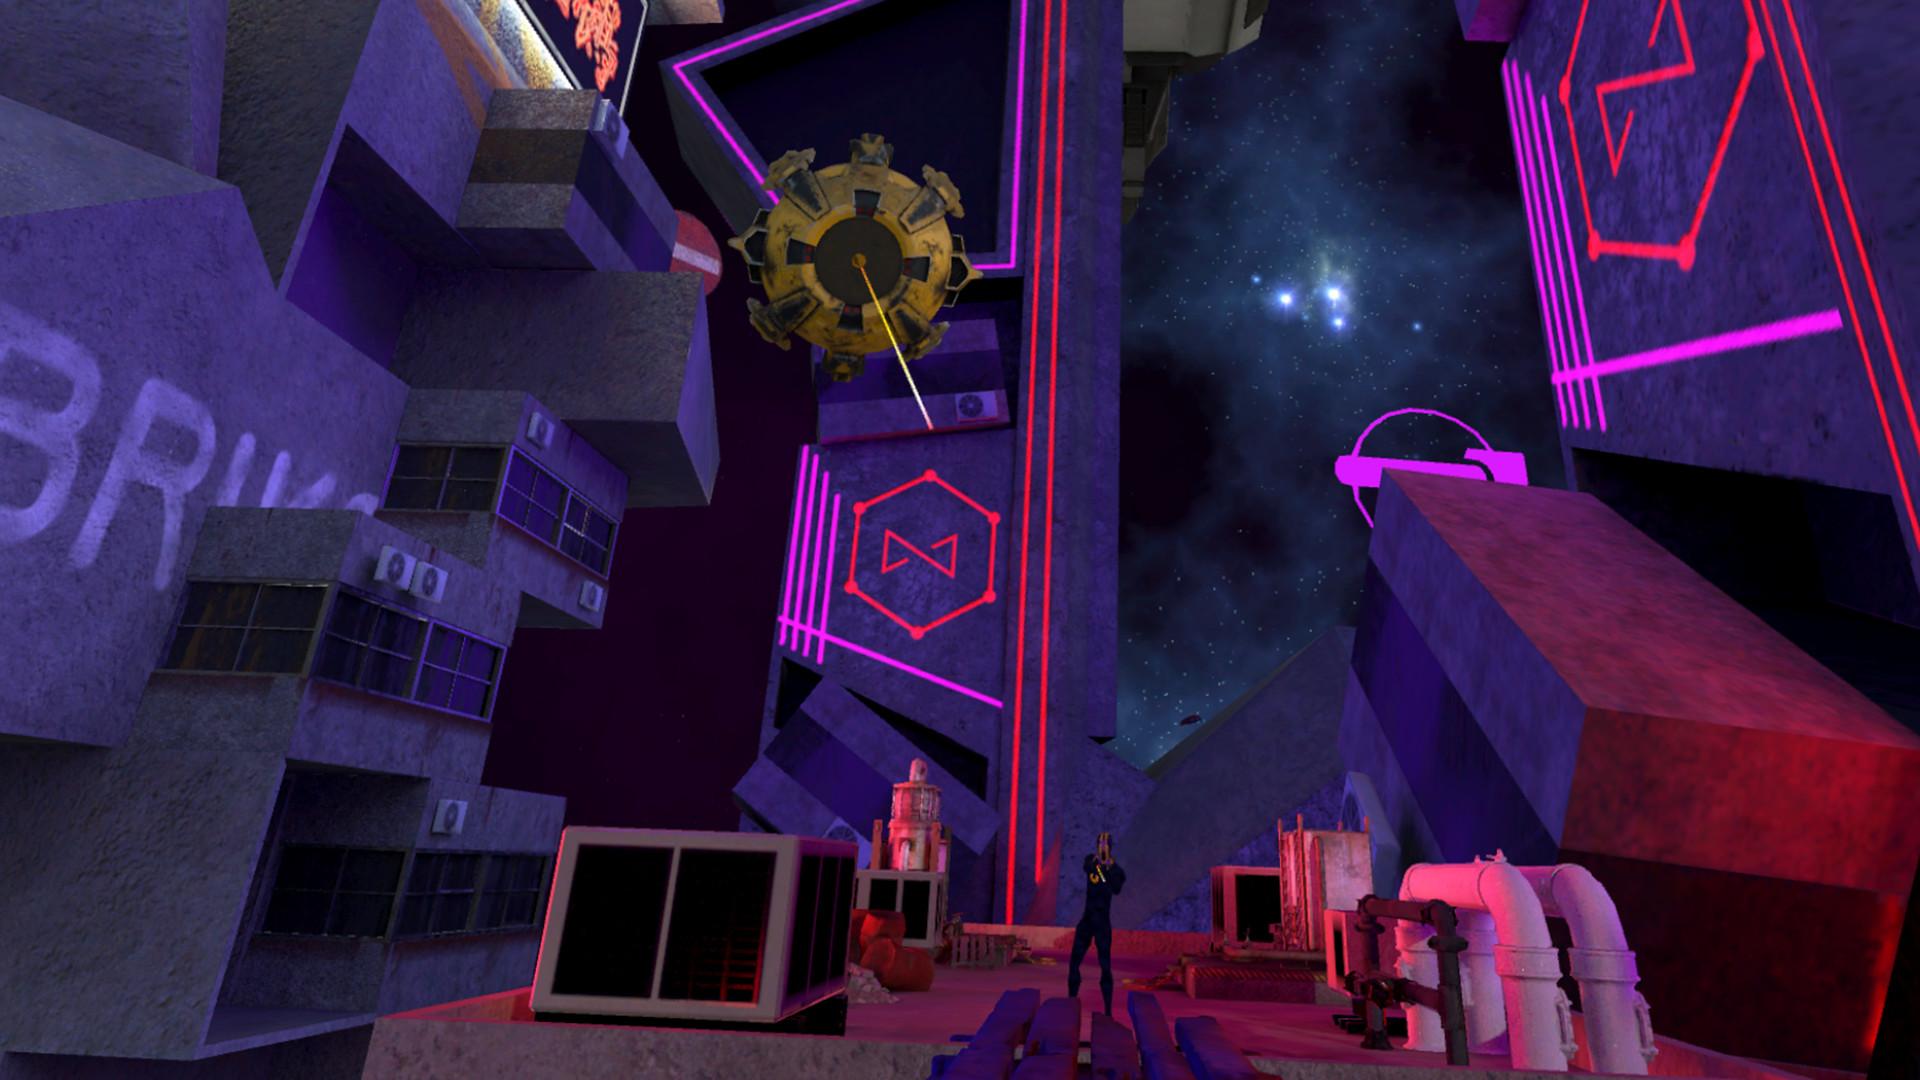 Oculus Quest 游戏《Brisk Square》拂晓广场插图(2)